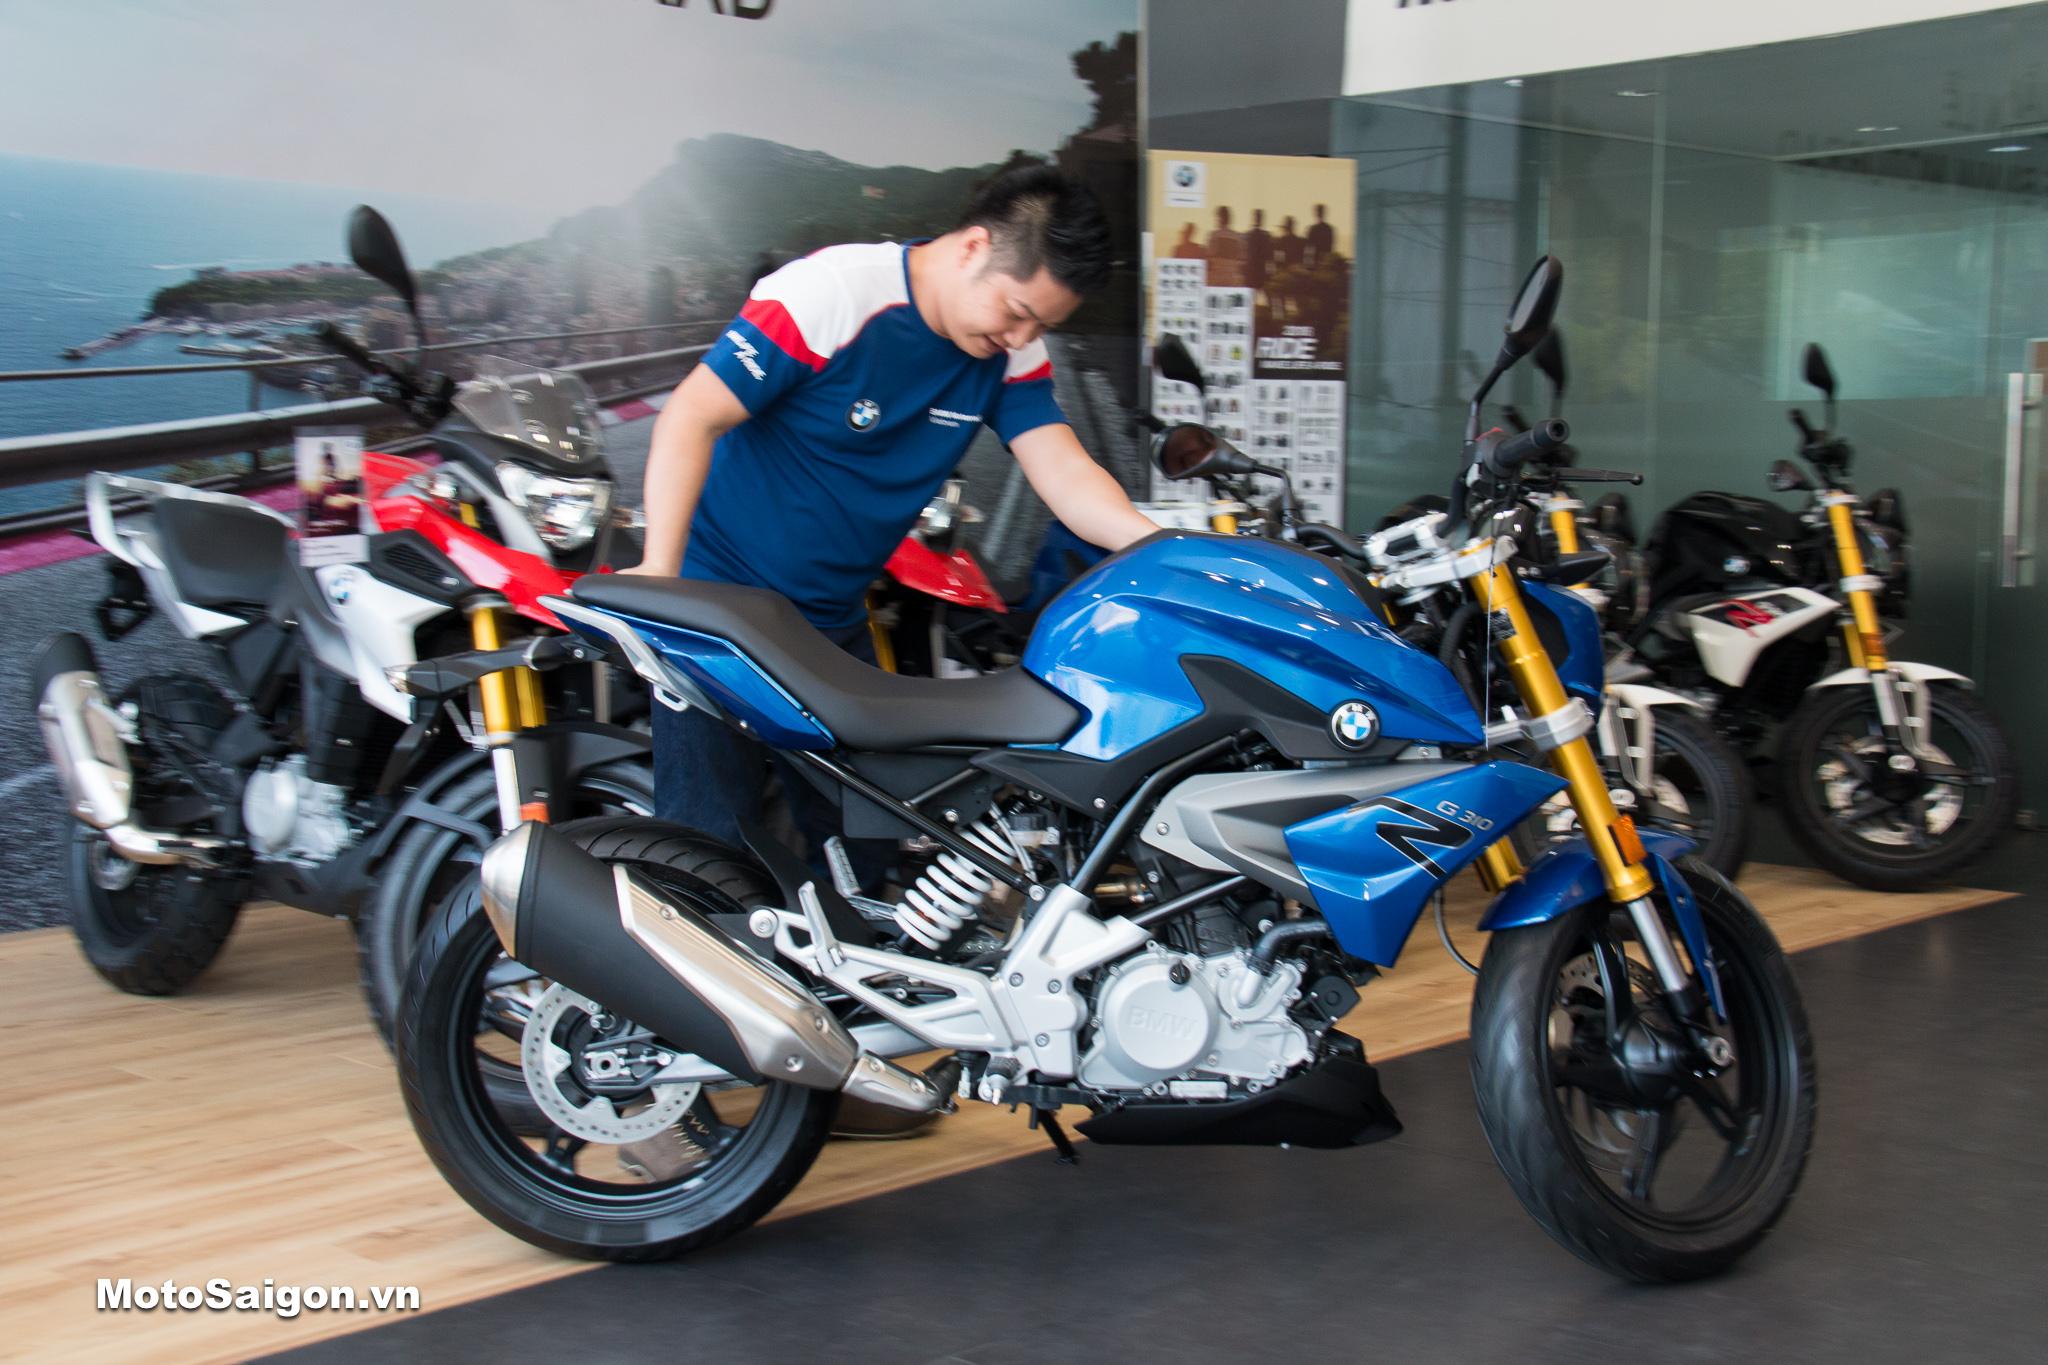 BMW Motorrad VN ưu đãi giá đến 40 triệu cho nhiều mẫu xe